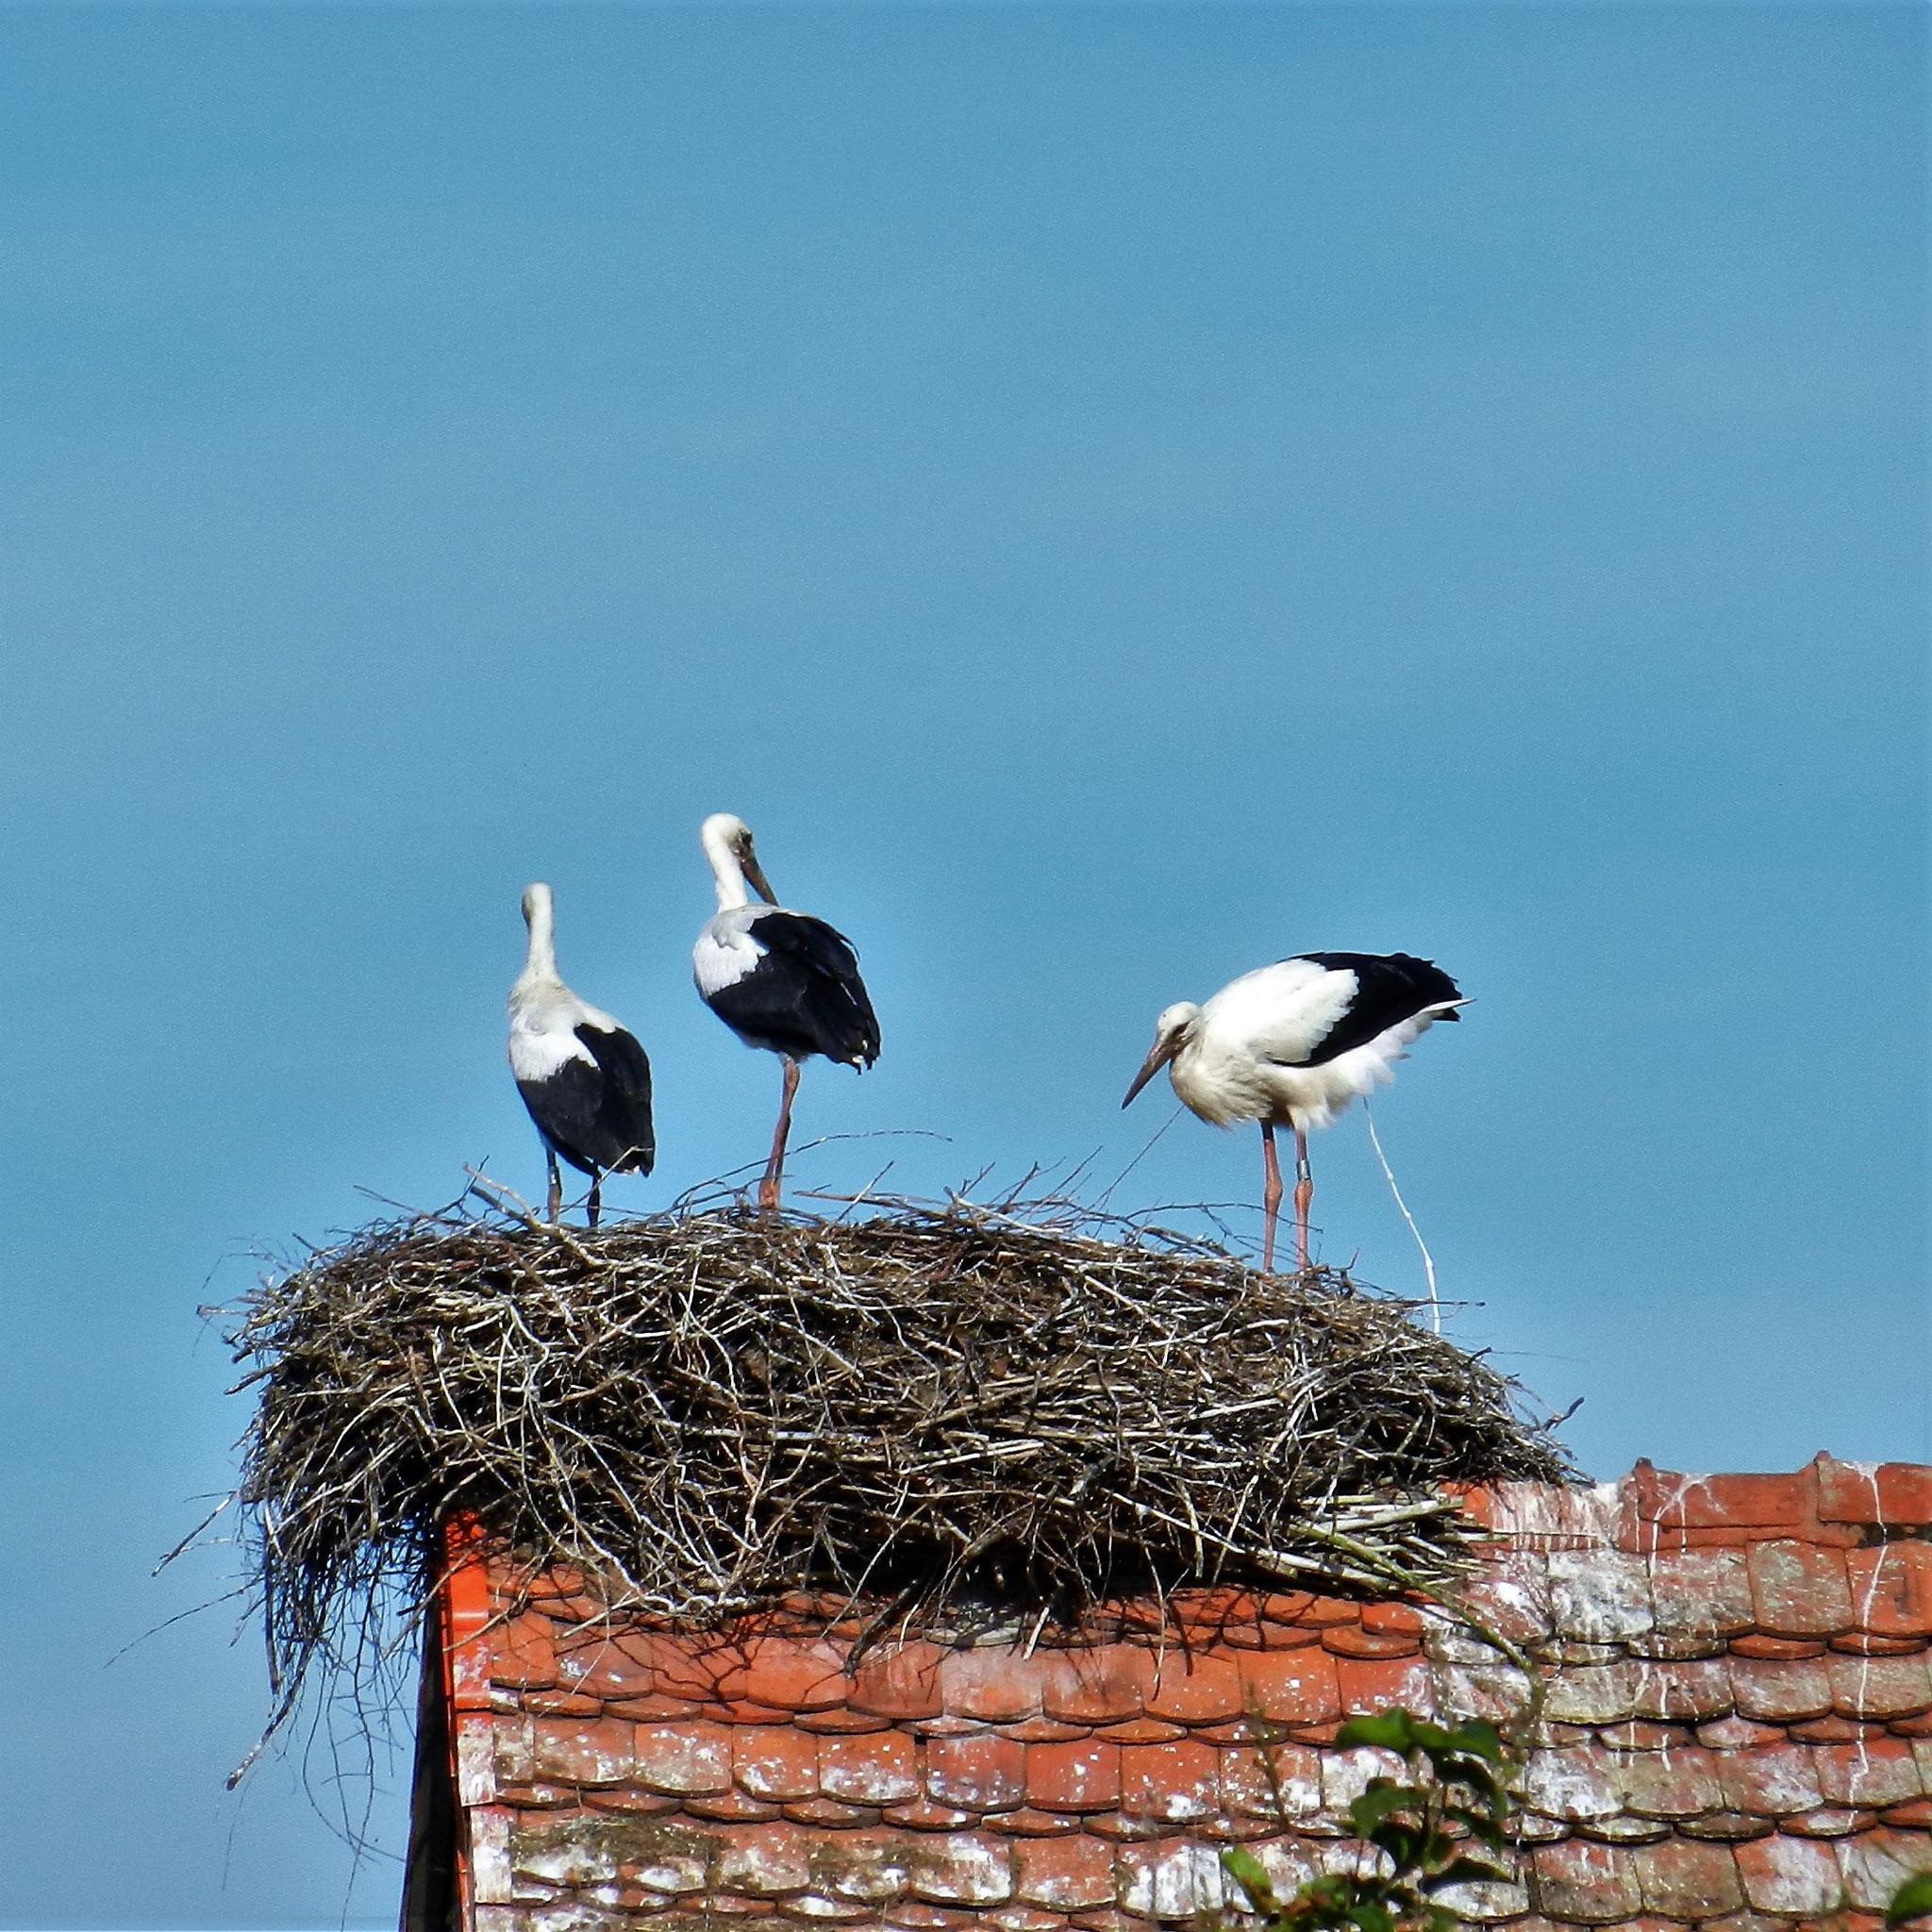 Störche wissen, wie sie ihr Nest sauber halten